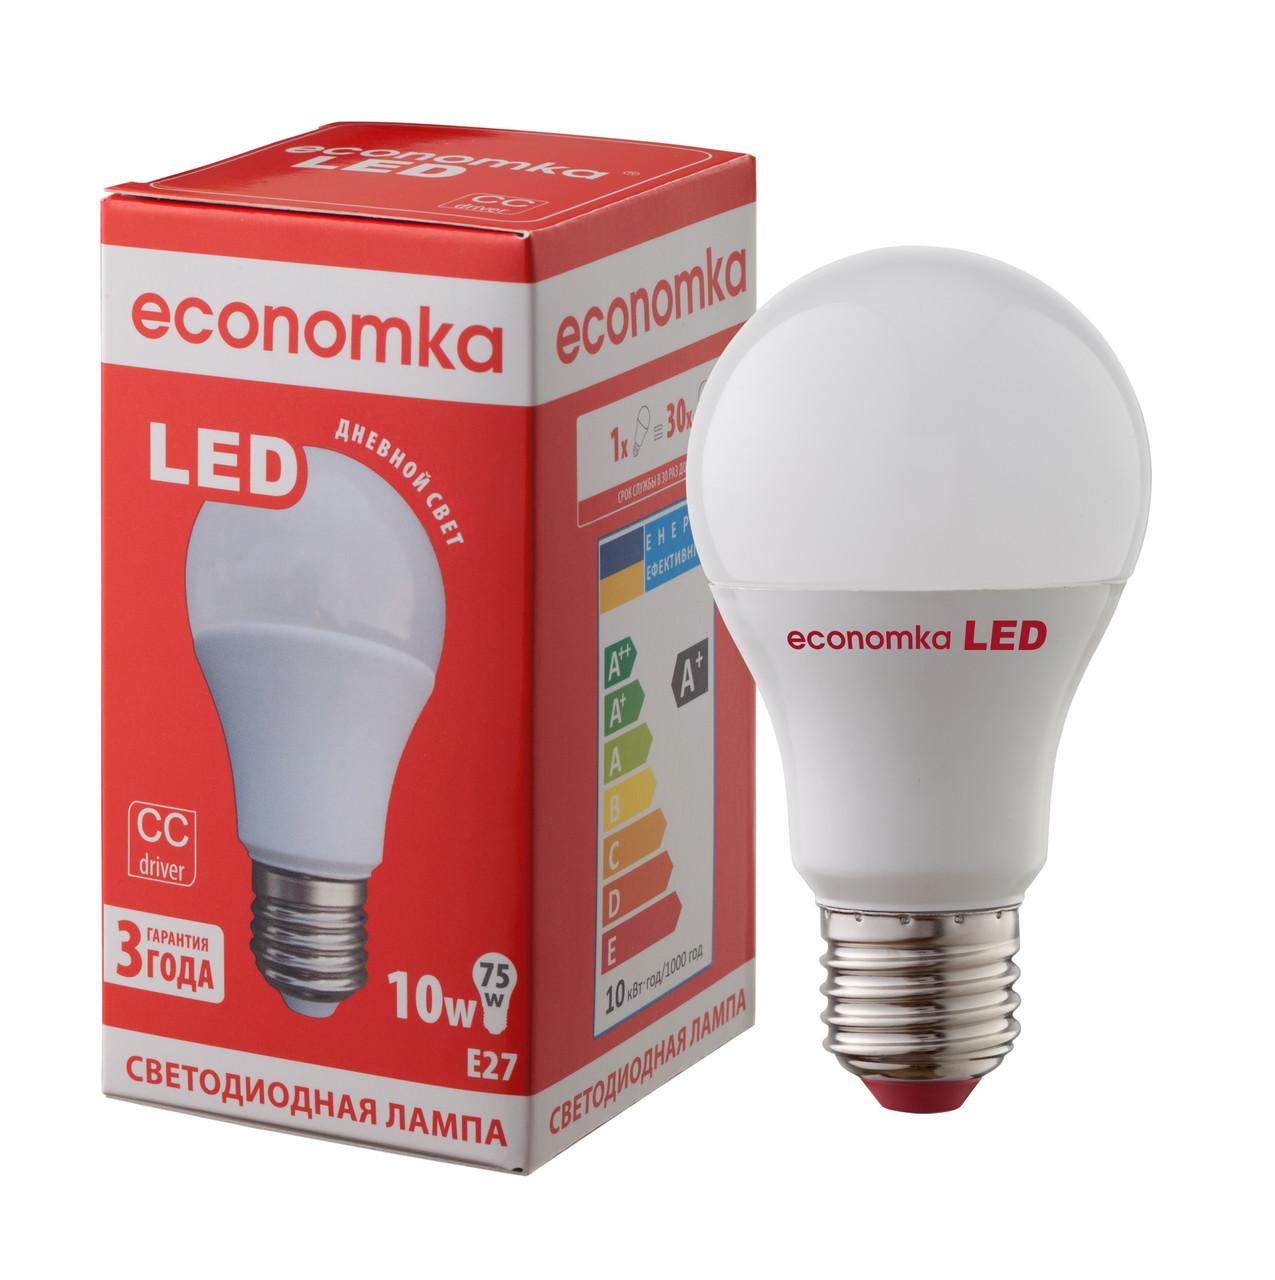 Светодиодная лампа Economka LED А60 10W Е27 4200К